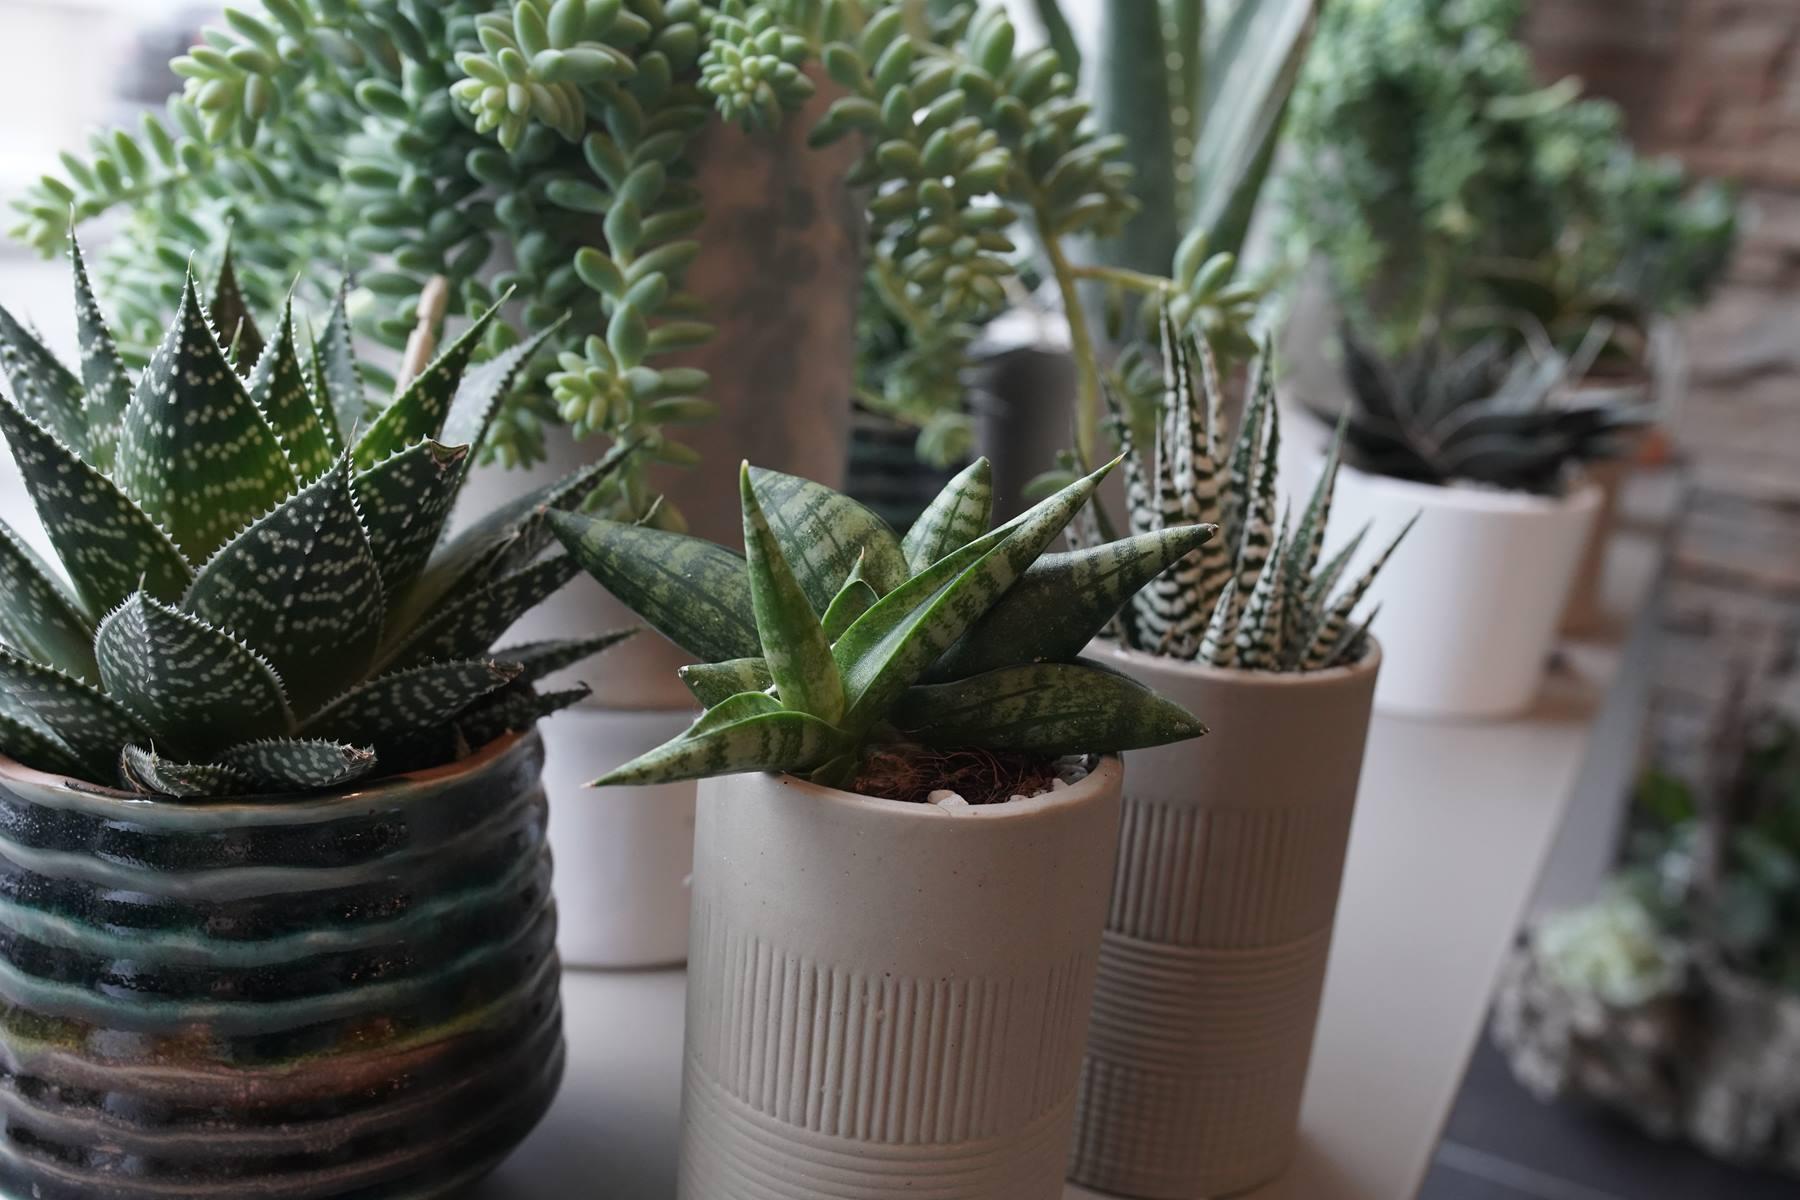 plantes-grasses-montpellier-juvignac-symphonie-florale